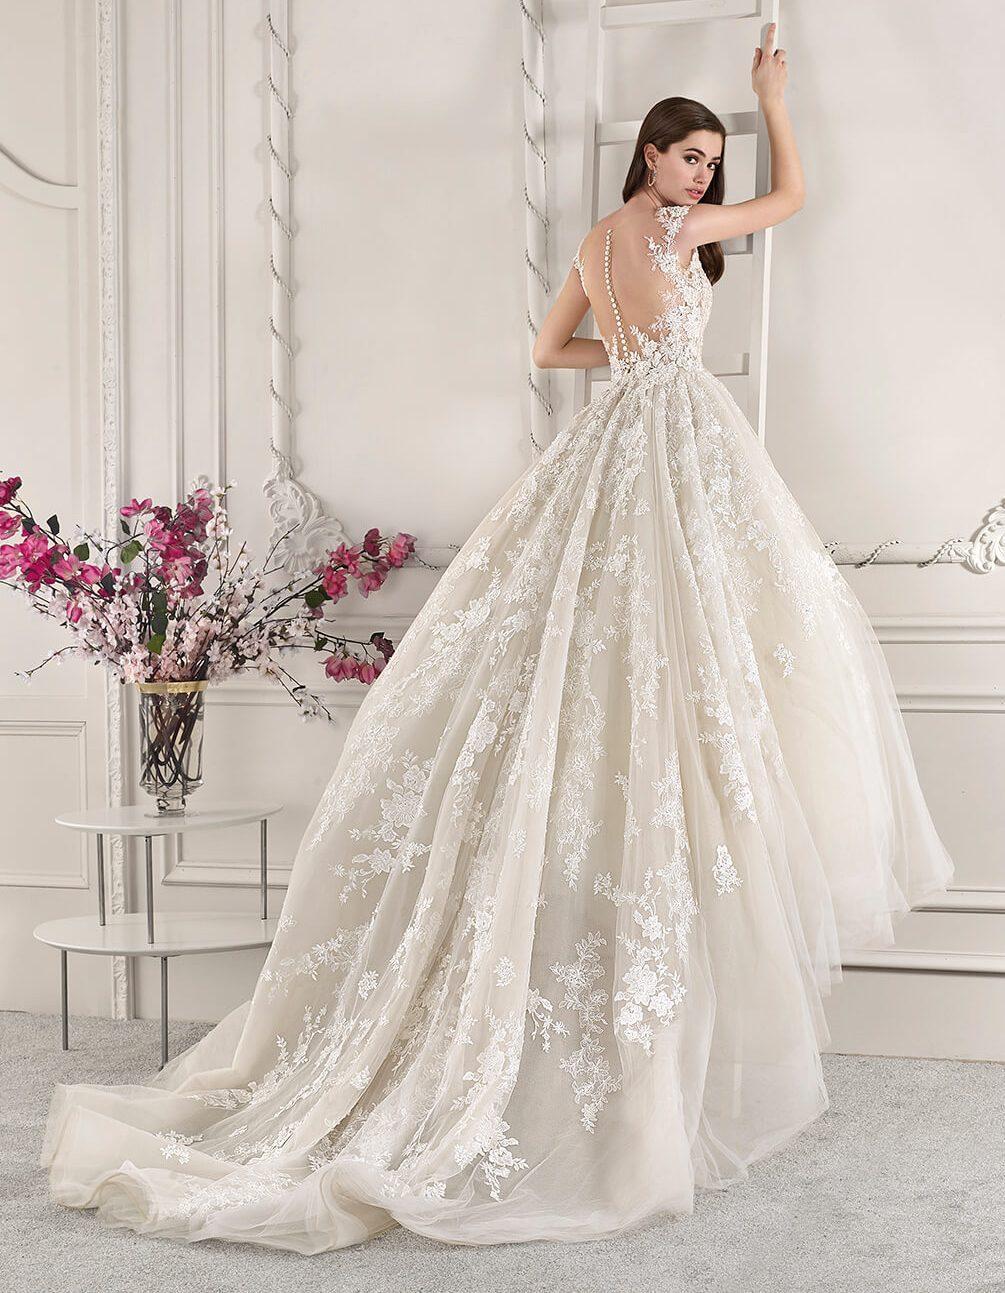 razkosna_bogata_princess_porocna_obleka_s_cipkami